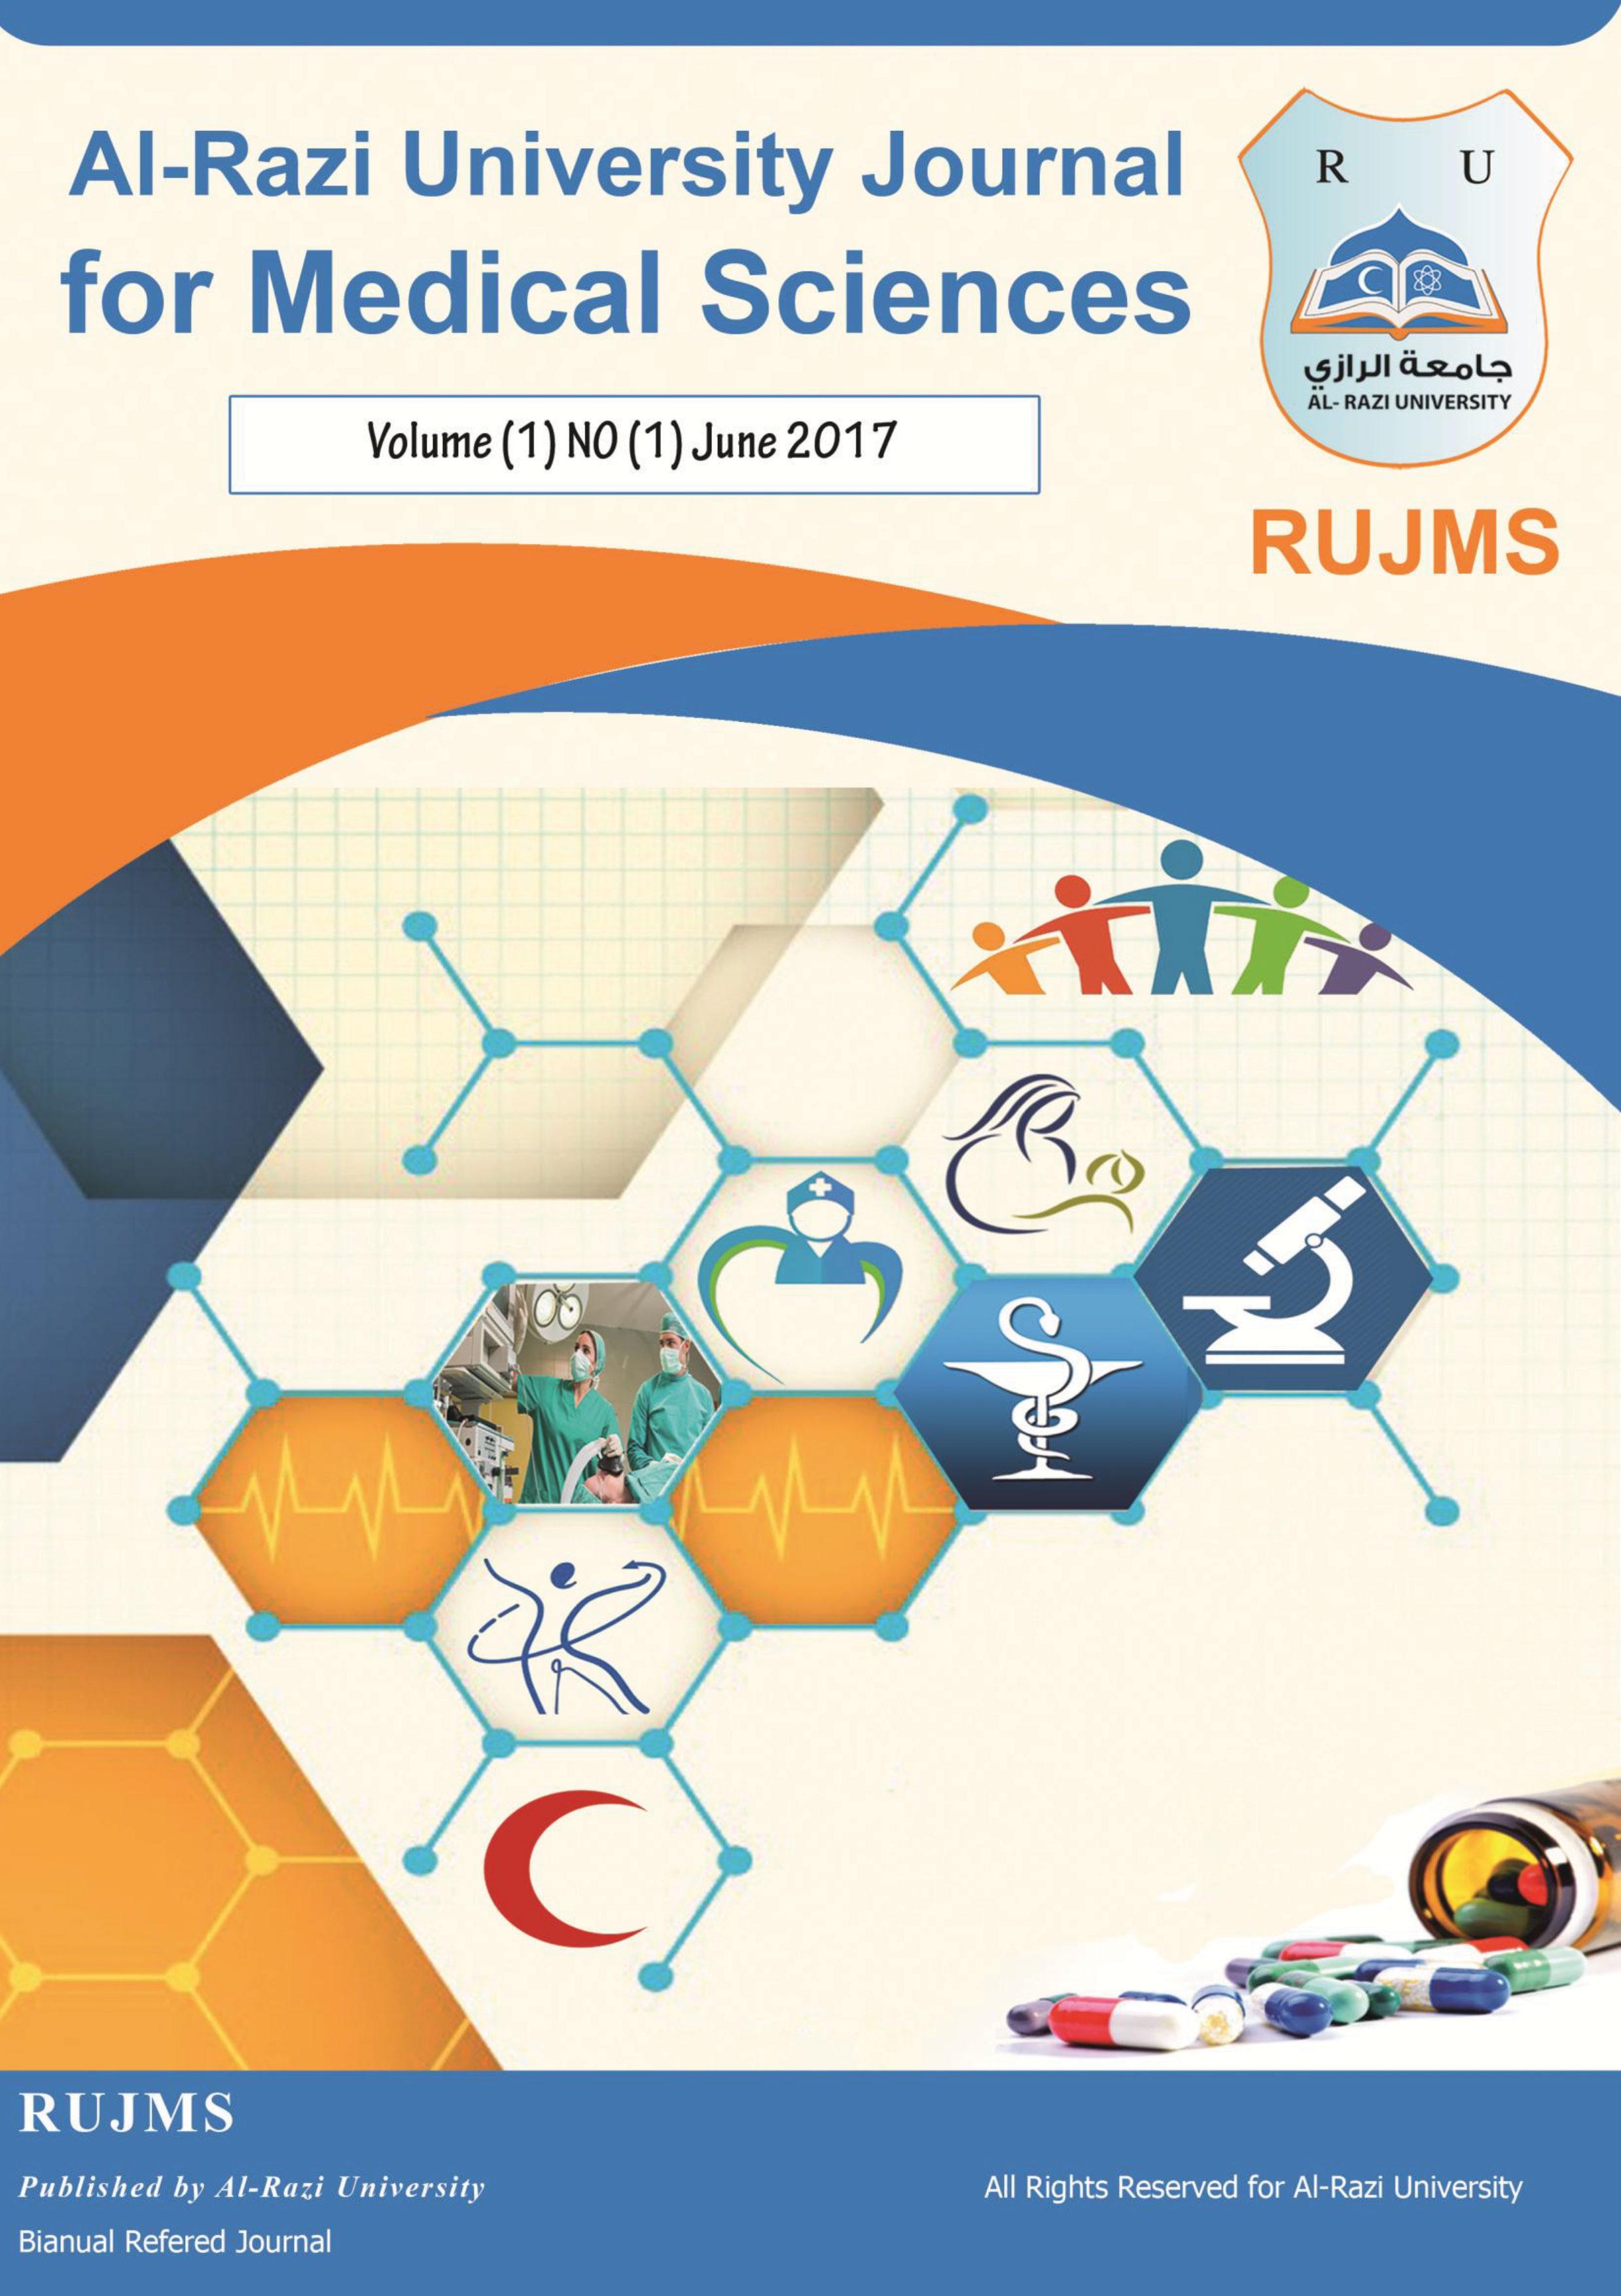 غلاف العدد الأول - يونيو - 2017 من مجلة جامعة الرازي للعلوم الطبية